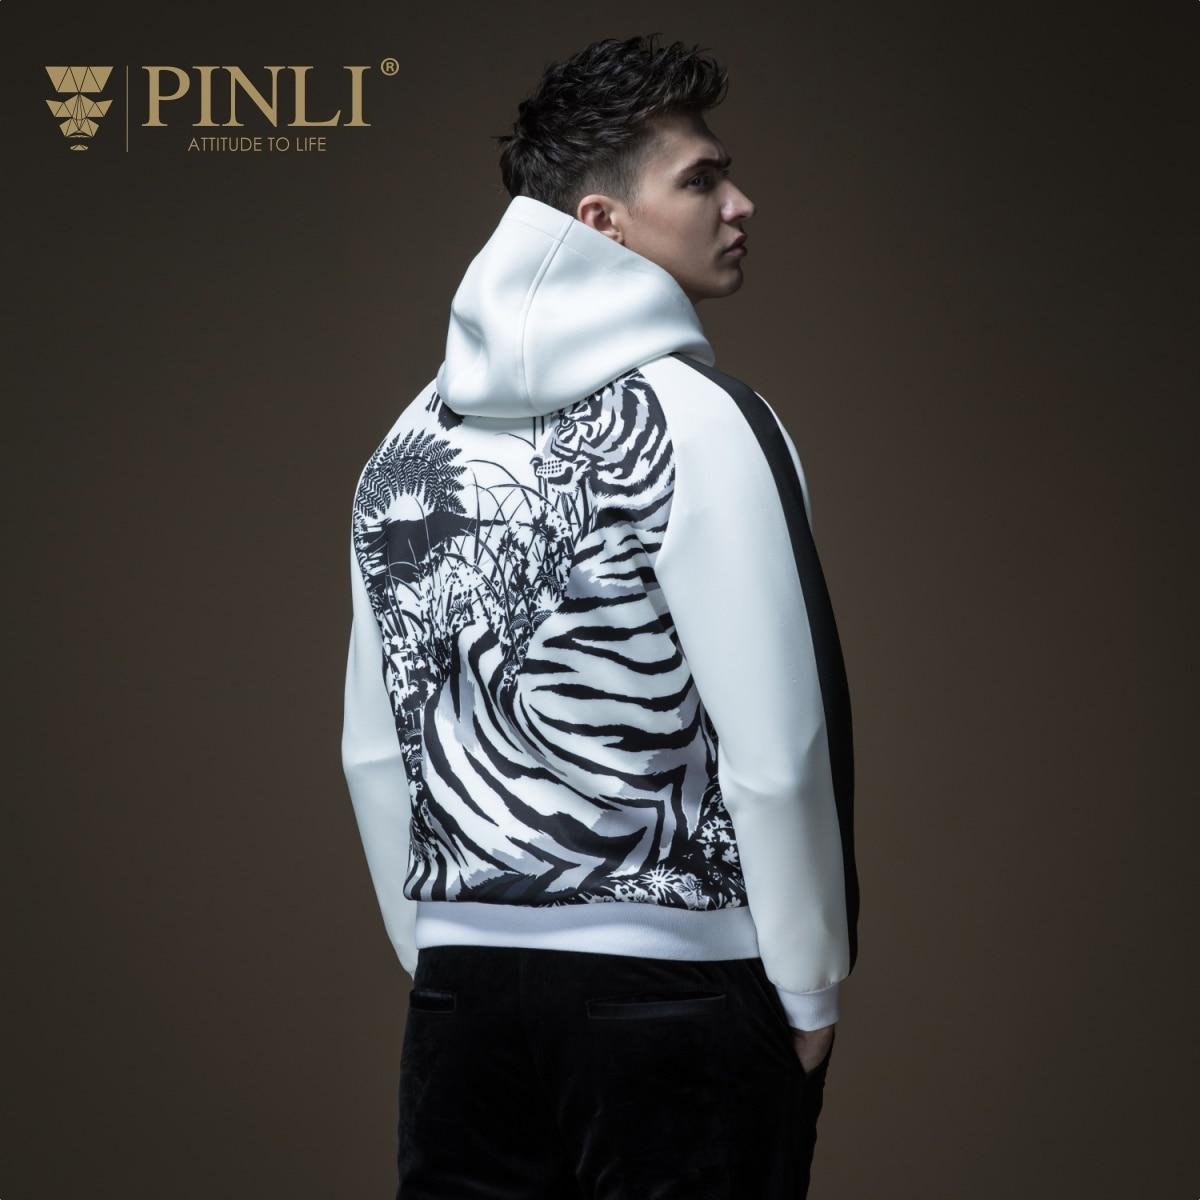 Bombardero chaqueta hombres chaqueta venta Jaqueta Masculino Pinli producto Otoño de 2018 nuevas chaquetas ropa de los jóvenes de Color de impresión de abrigo B183309088